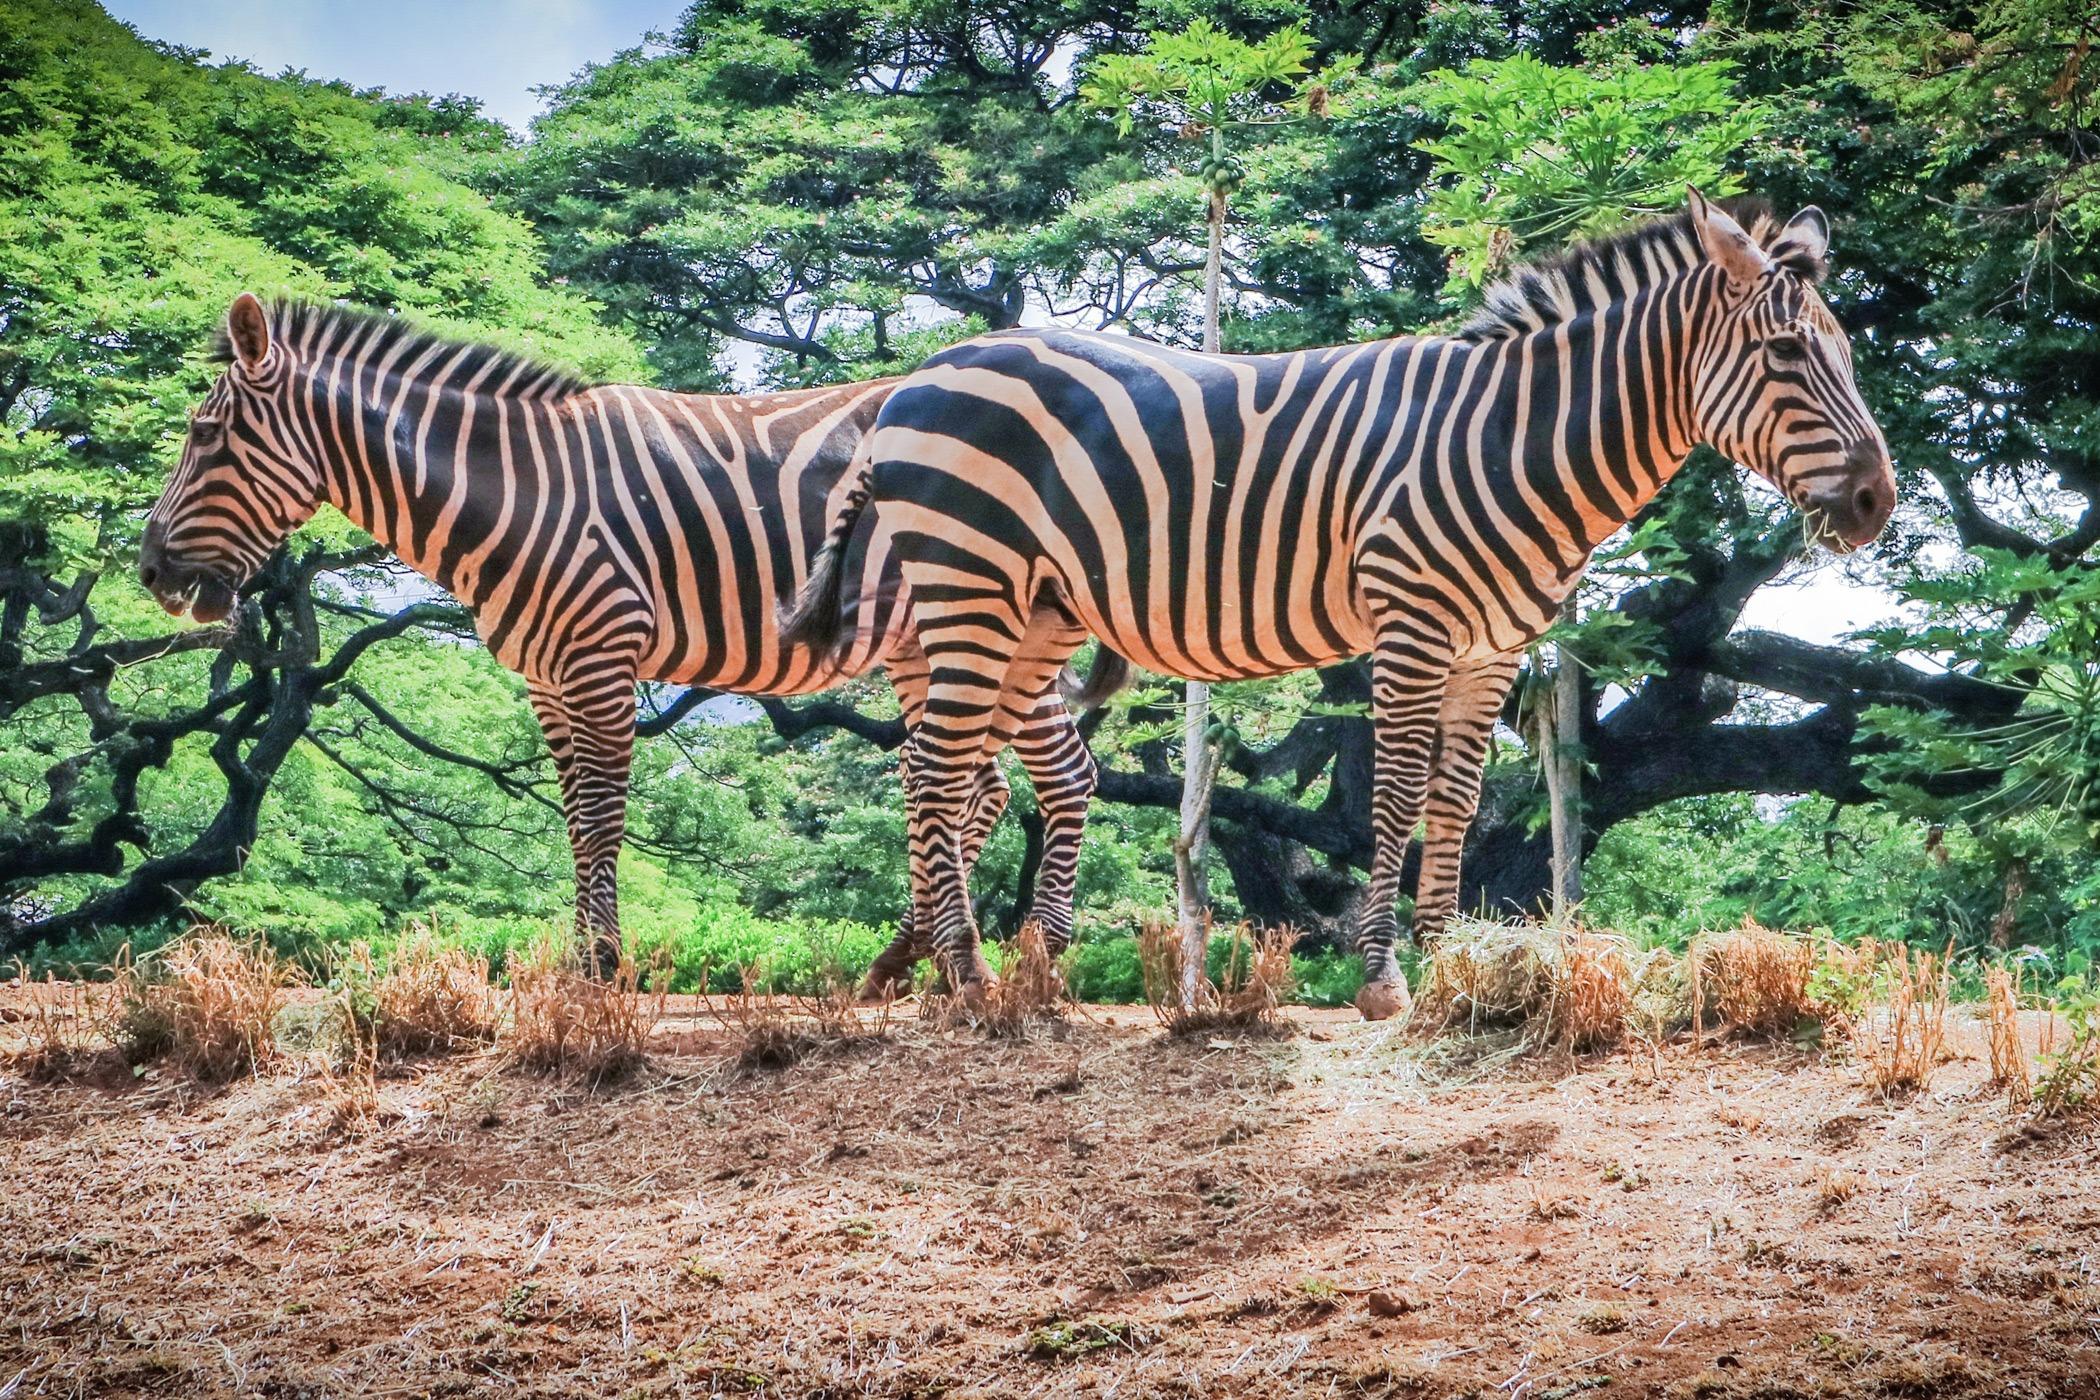 The-Royal-Hawaiian-Resort-Local-Attraction-Honolulu-Zoo